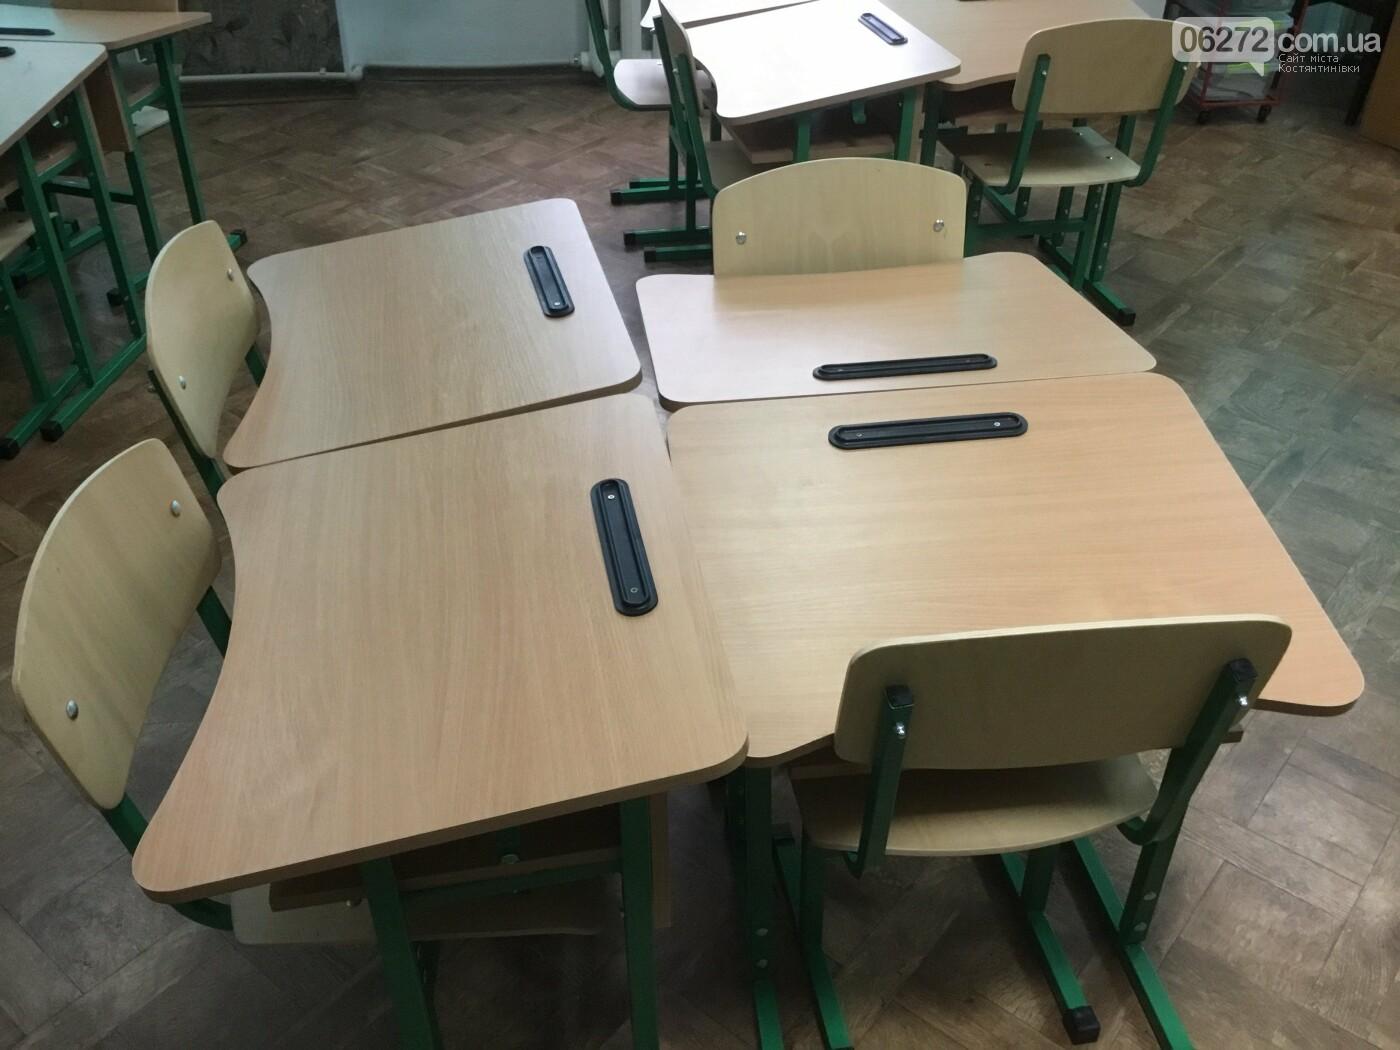 Костянтинівські школи отримали одномісні парти для першокласників, фото-11